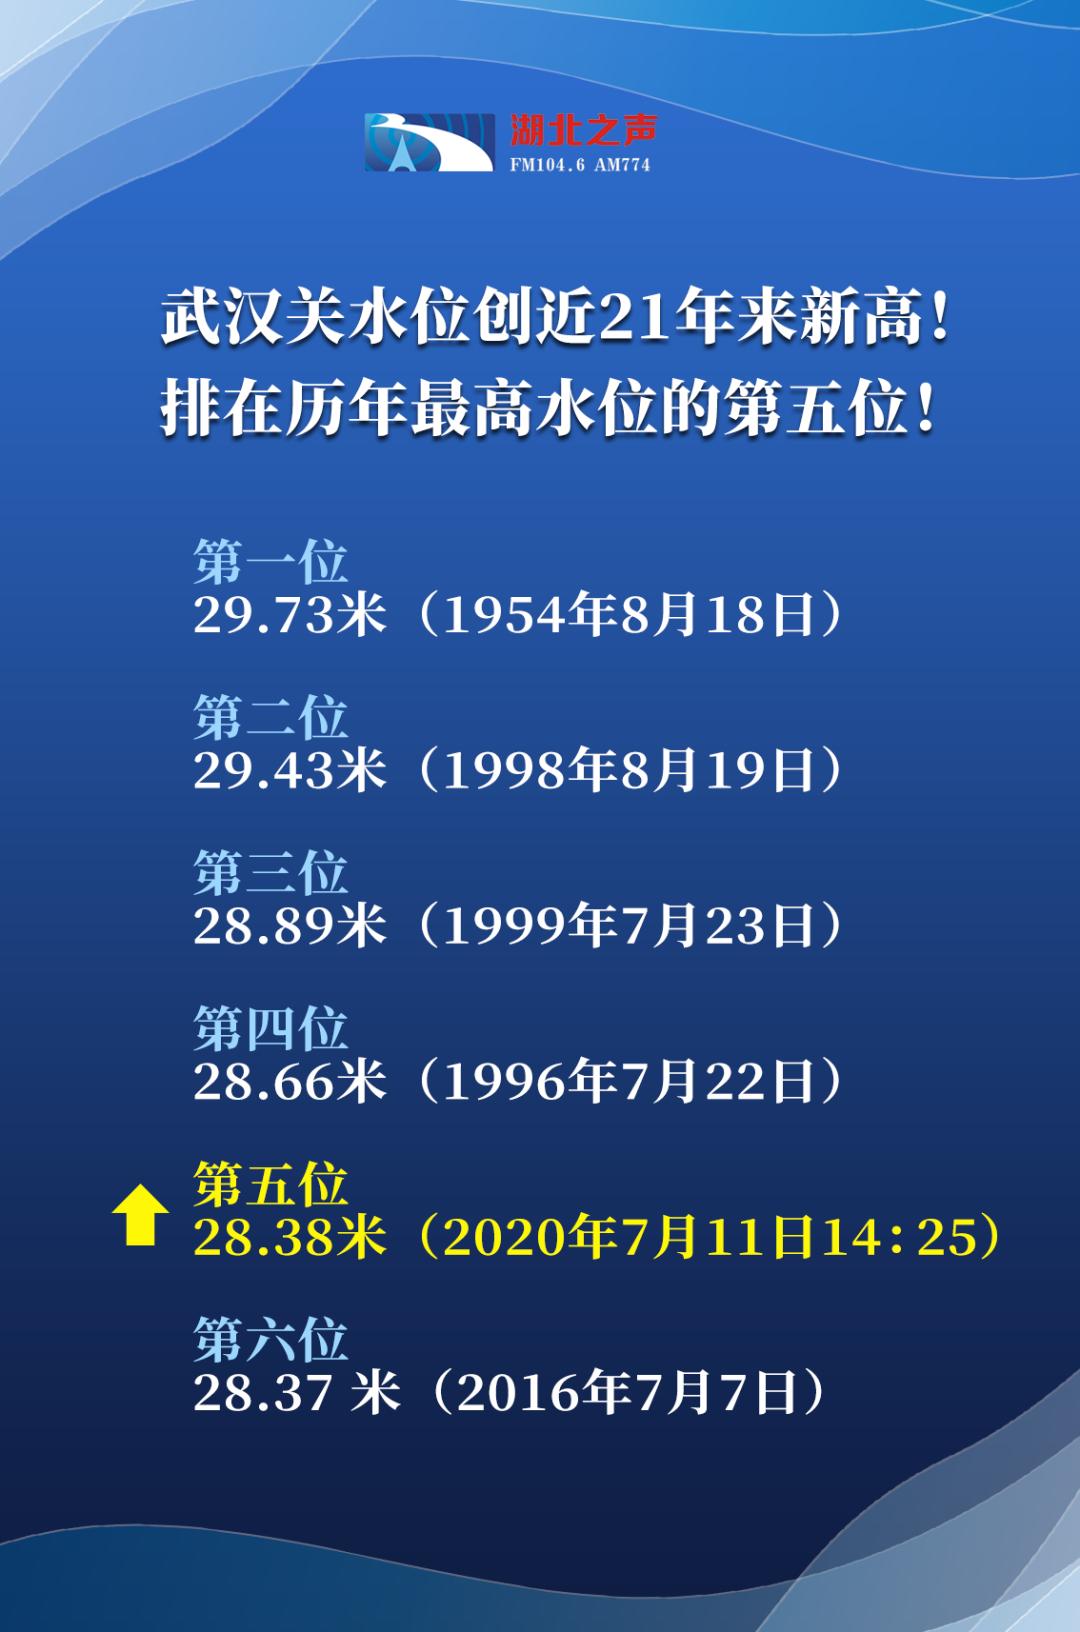 赢咖3平台:汉关水赢咖3平台位创21年新高5张图片